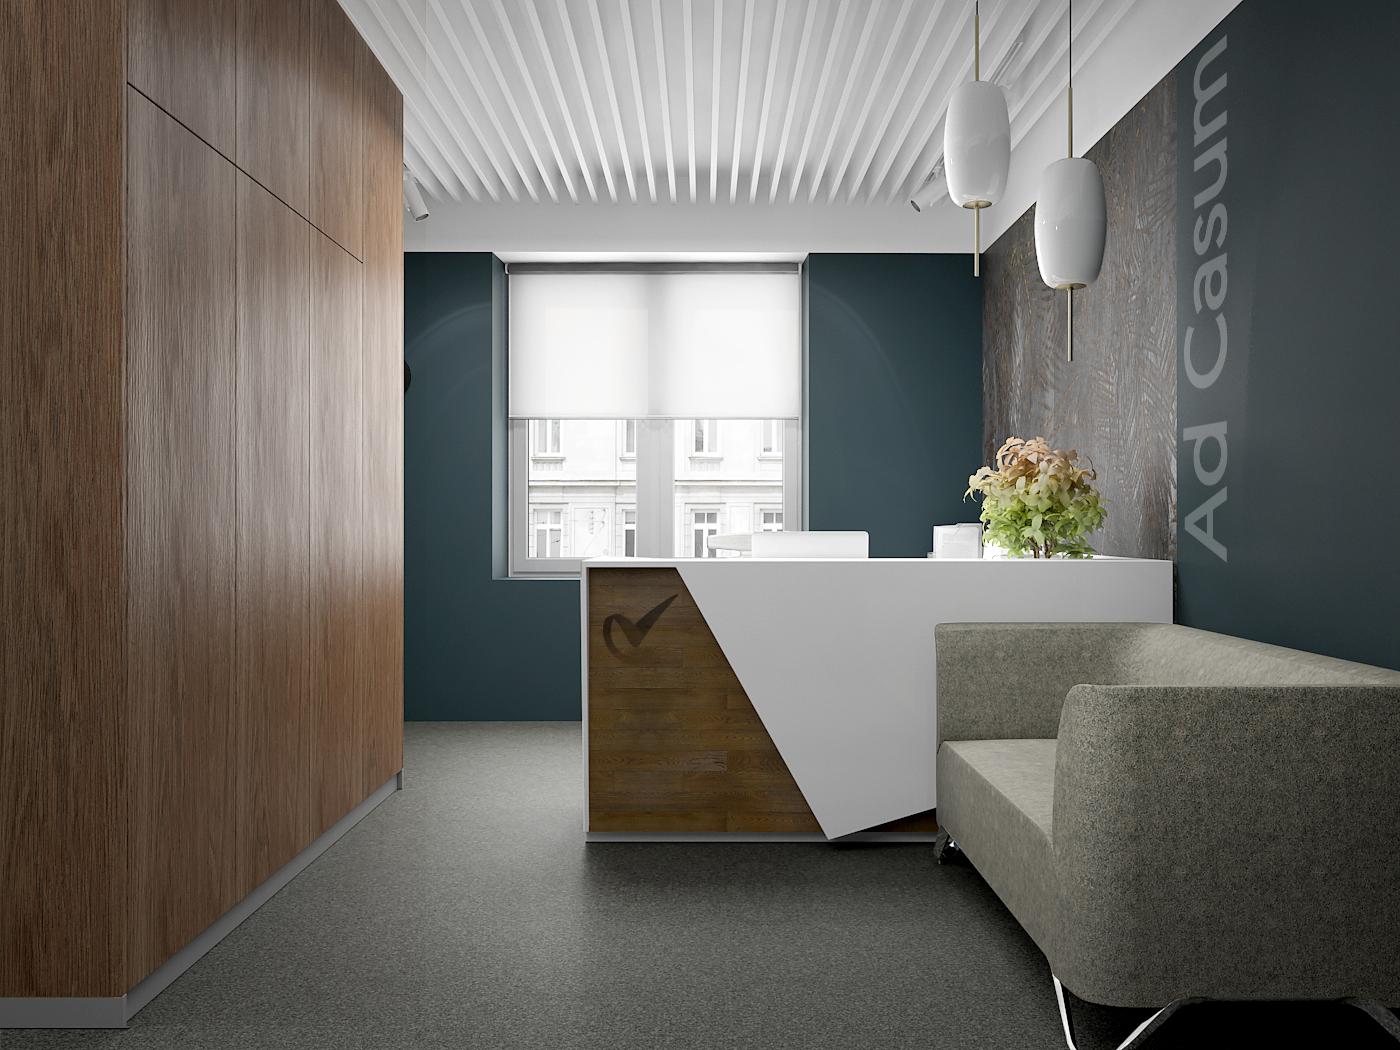 1 projekt biura 547 Kancelaria warszawa lada recepcyjna sofa w poczekalni sciana z plyty meblowej azurowy sufit